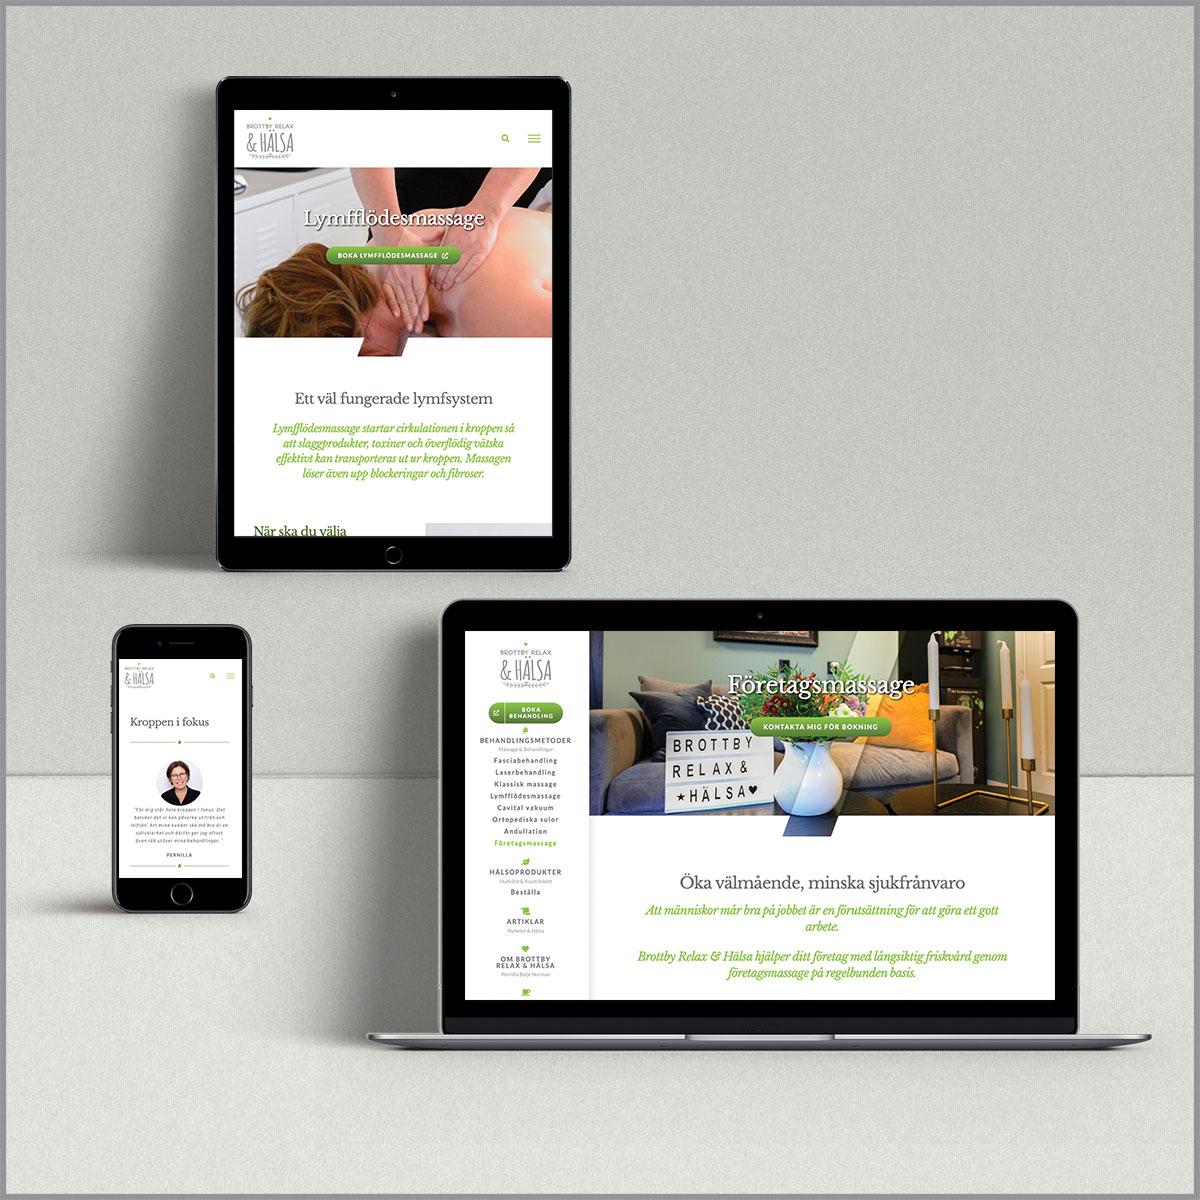 Brottby Relax & Hälsa hemsida